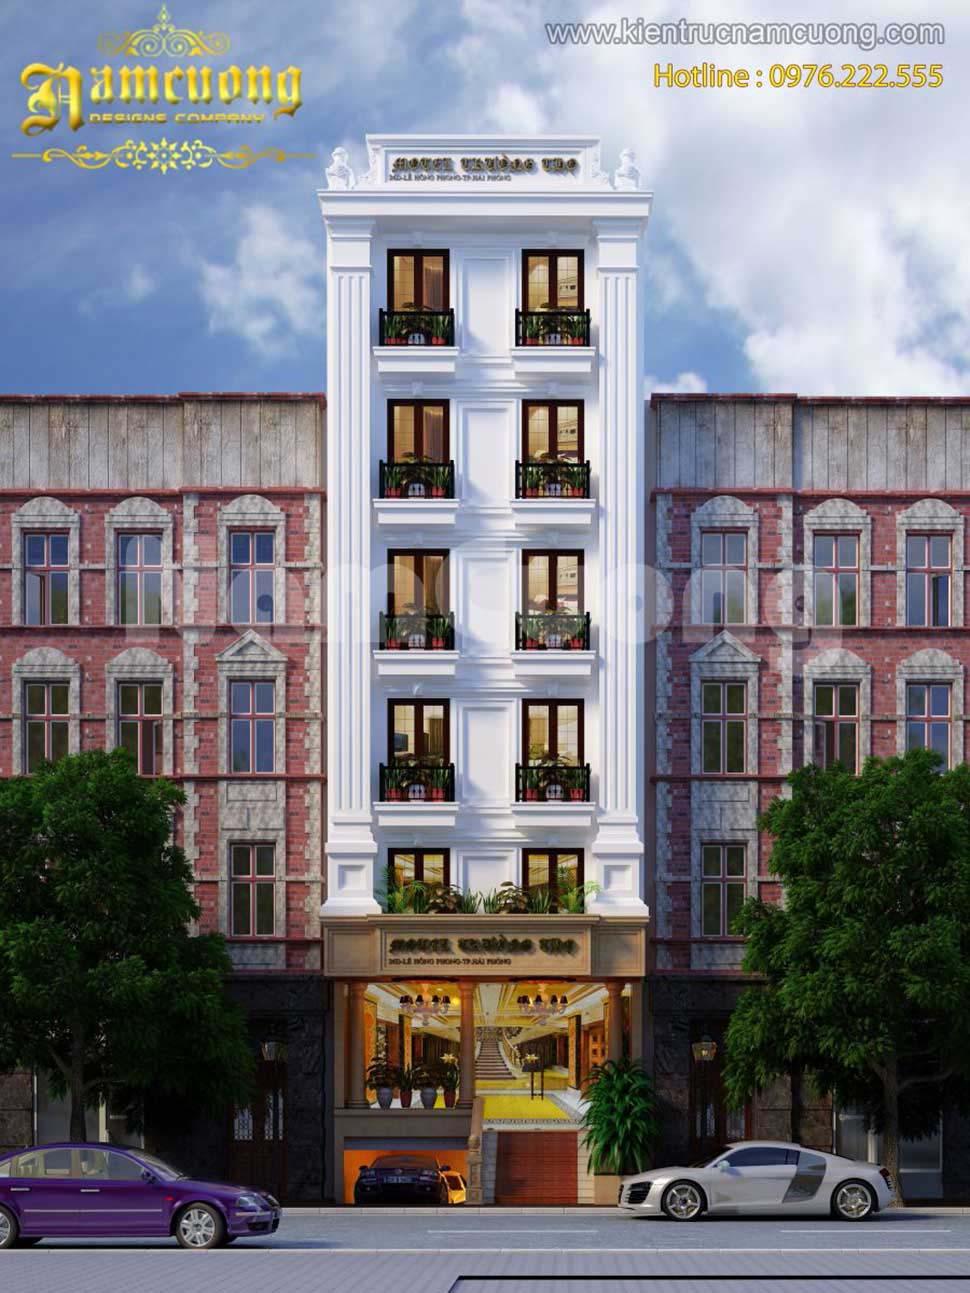 thiết kế khách sạn mặt tiền đẹp gây ấn tượng mạnh